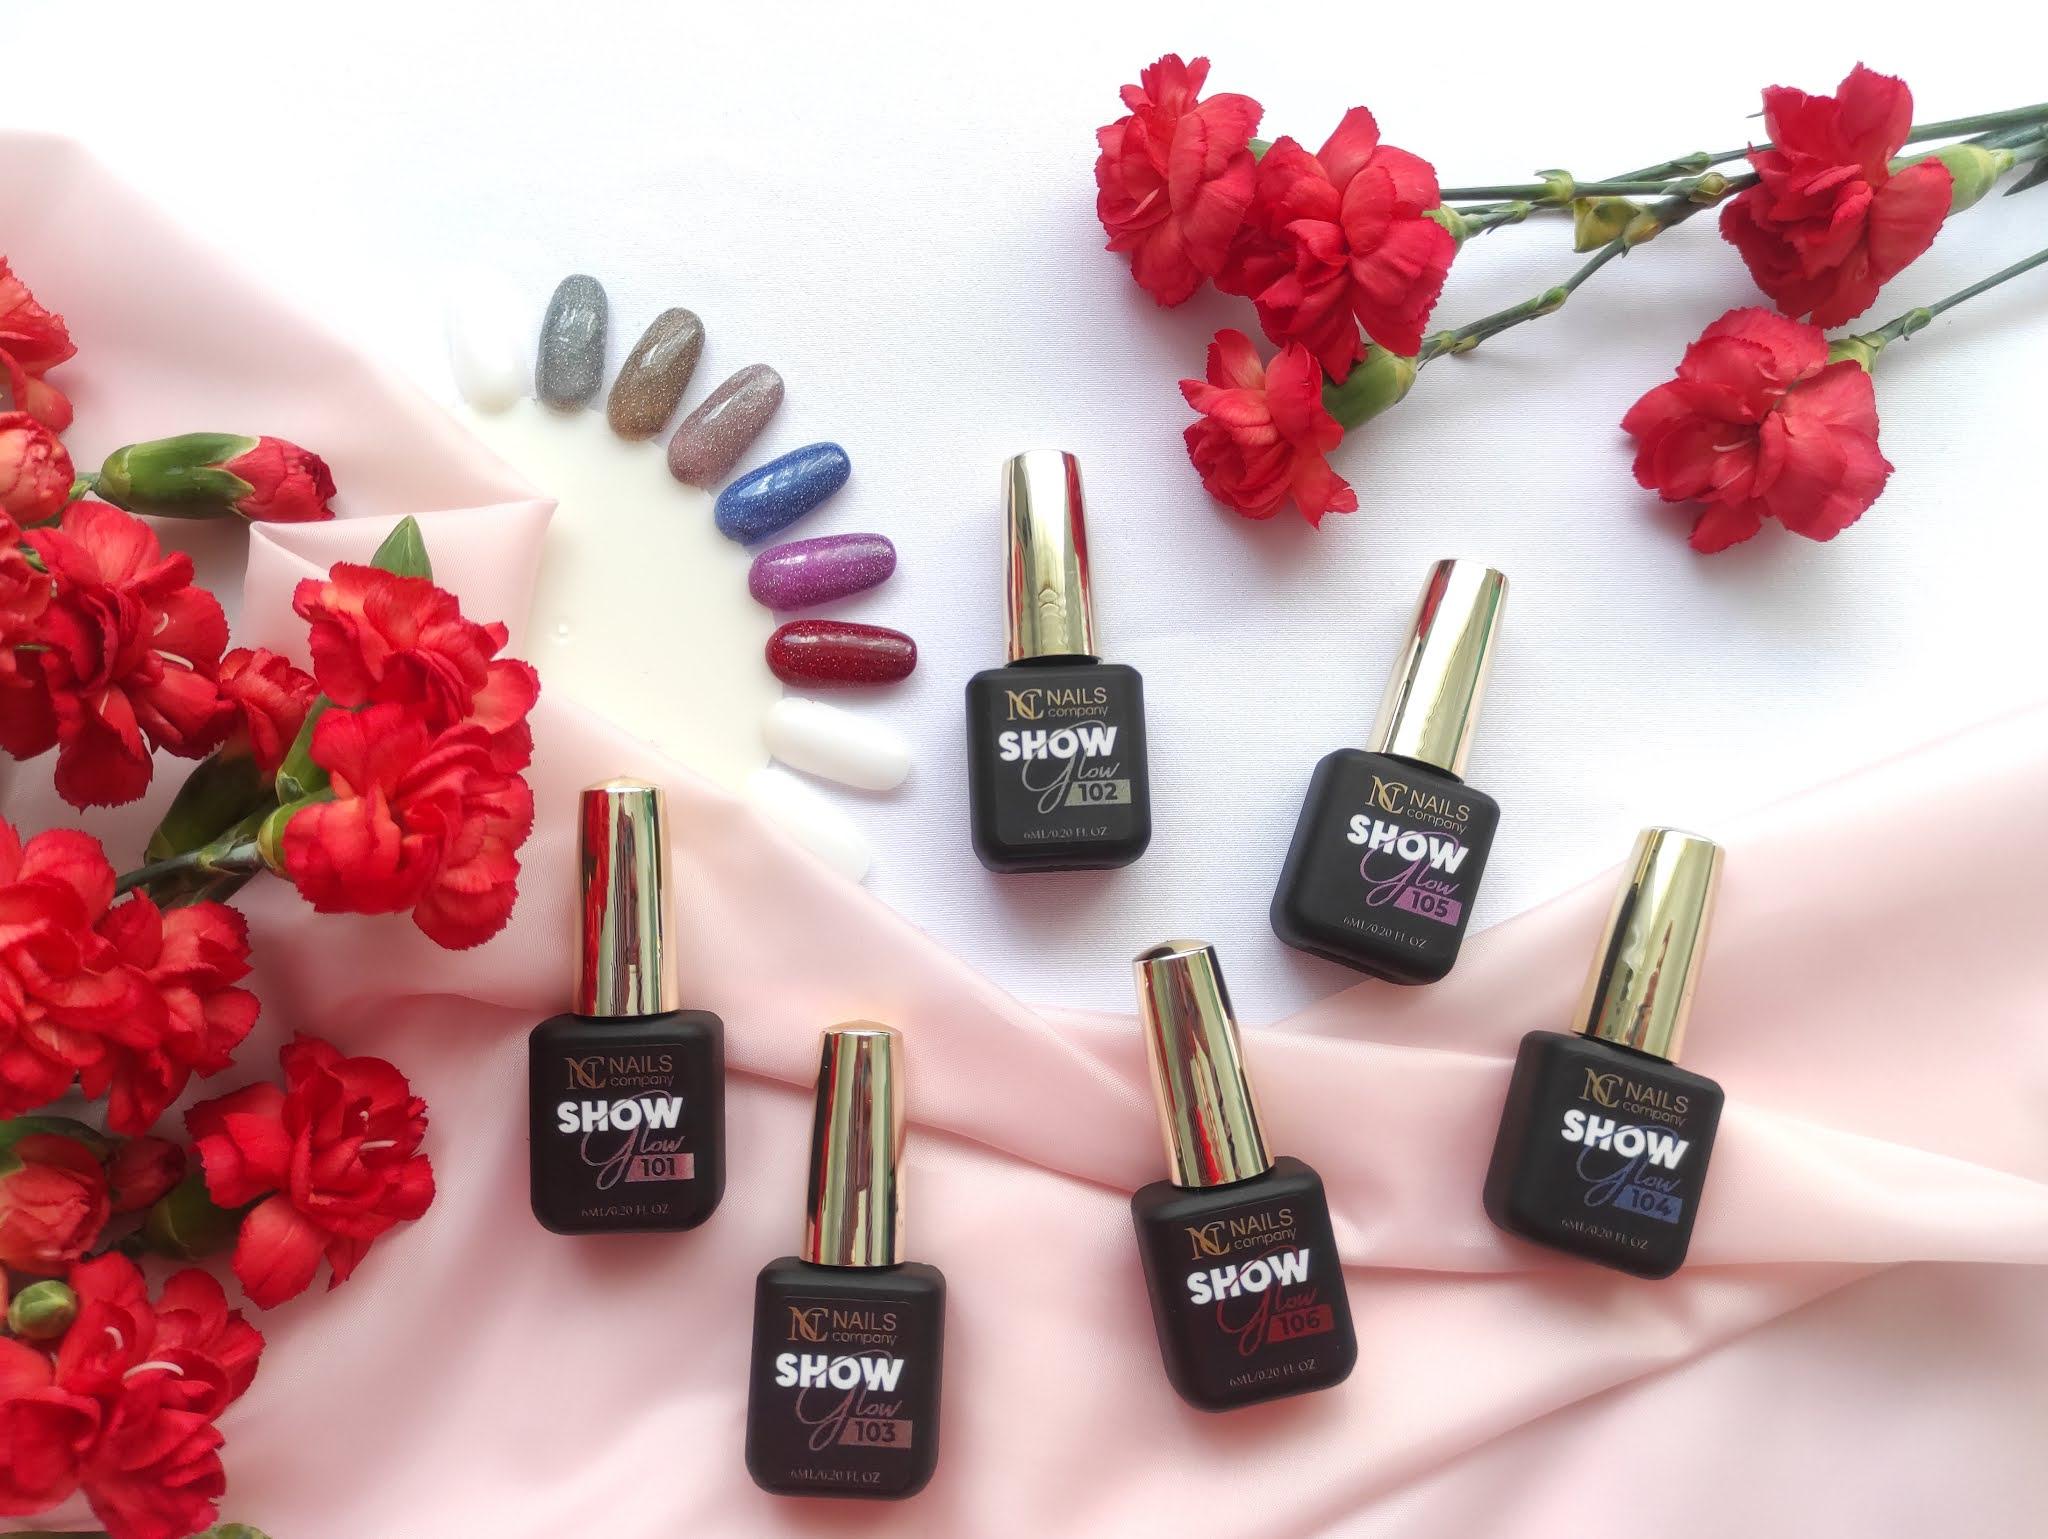 Lakiery hybrydowe Show Glow Nails Company